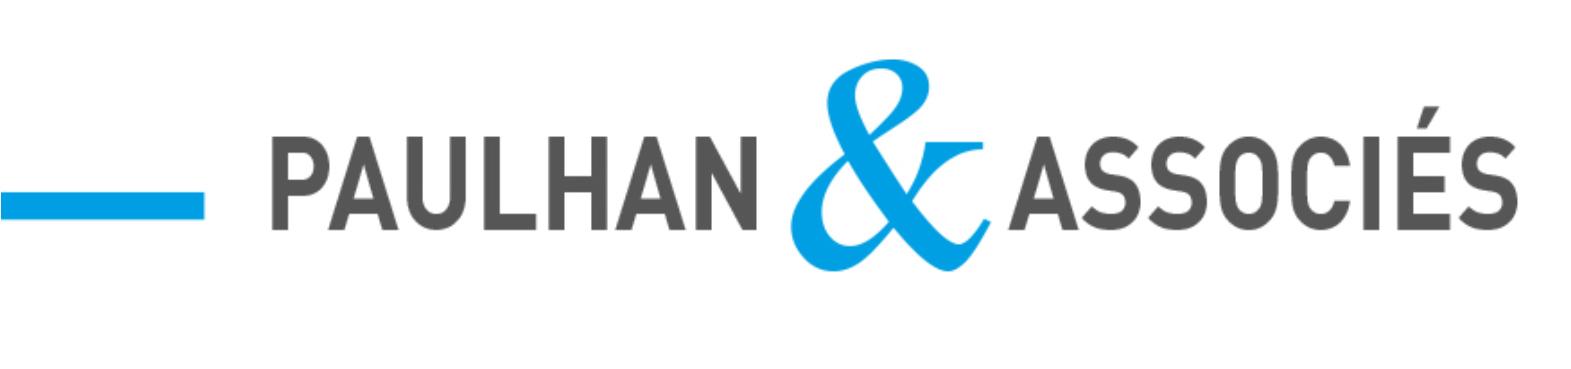 Paulhan Associés